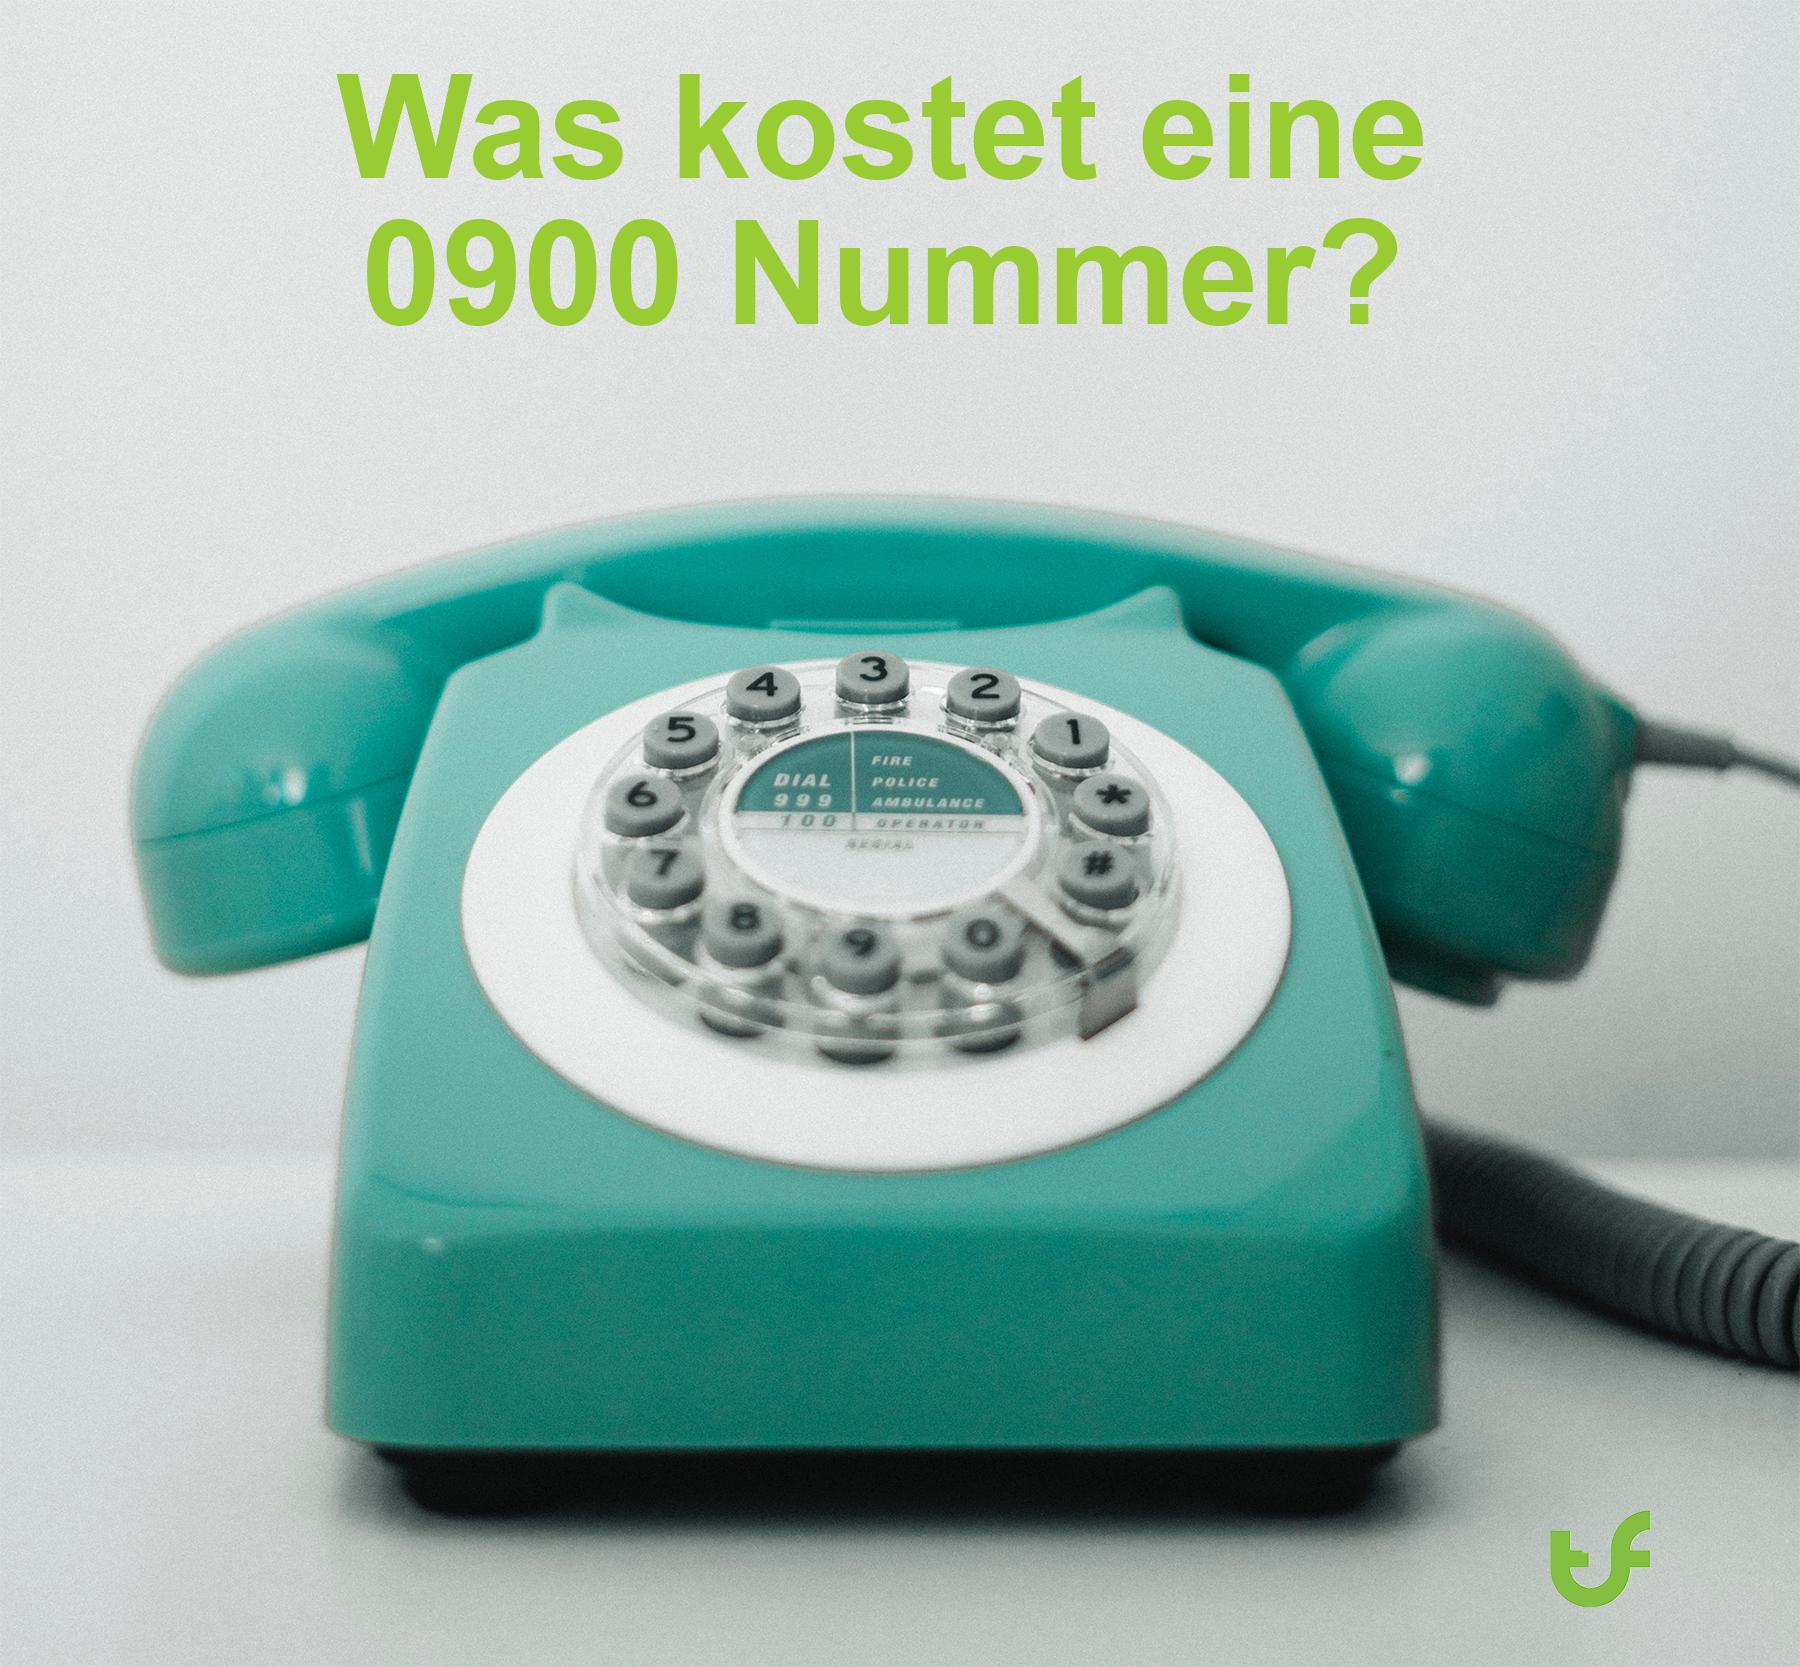 0900 Nummern Kosten